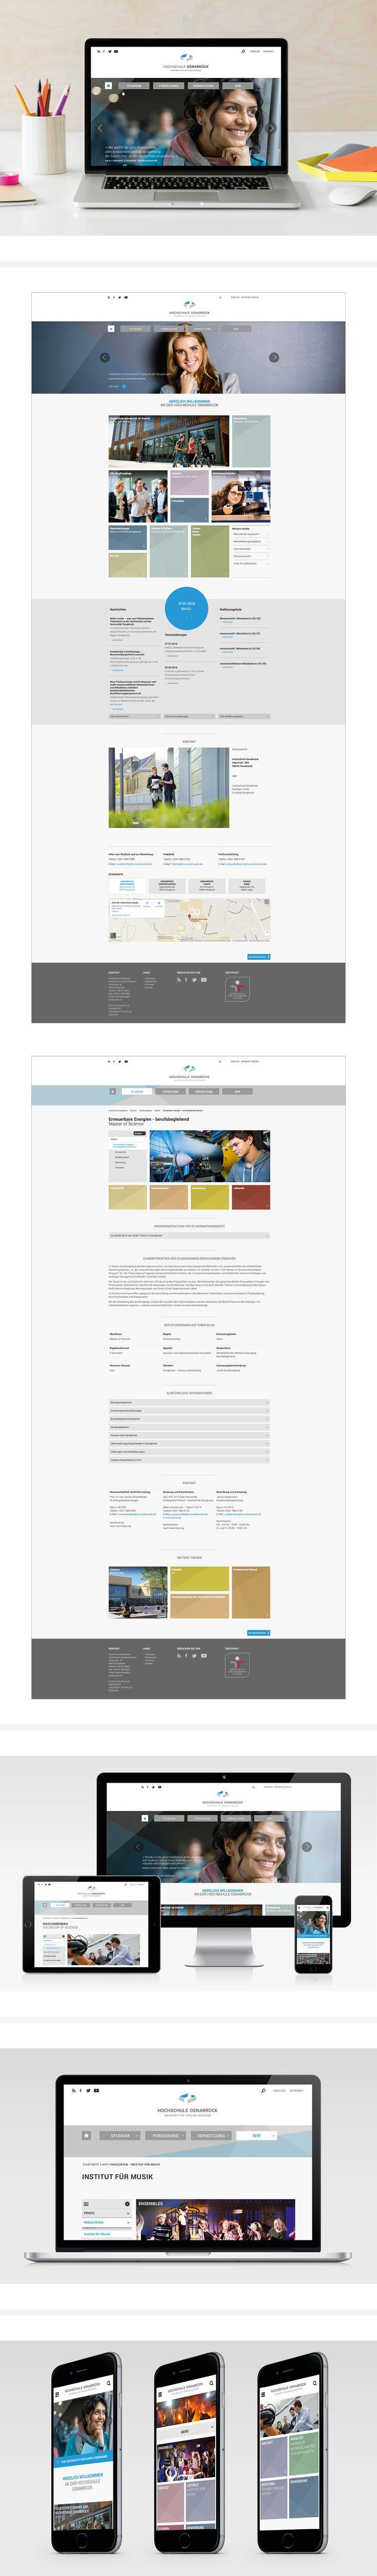 Schumacher entwickelt die neue Website der Hochschule Osnabrück. Diese soll gleichzeitig als Leitmedium und Imageträger maßgeblich die Außendarstellung der Hochschule prägen. #hsos #hochschule #osnabrück #website #webdesign #responsivewebdesign